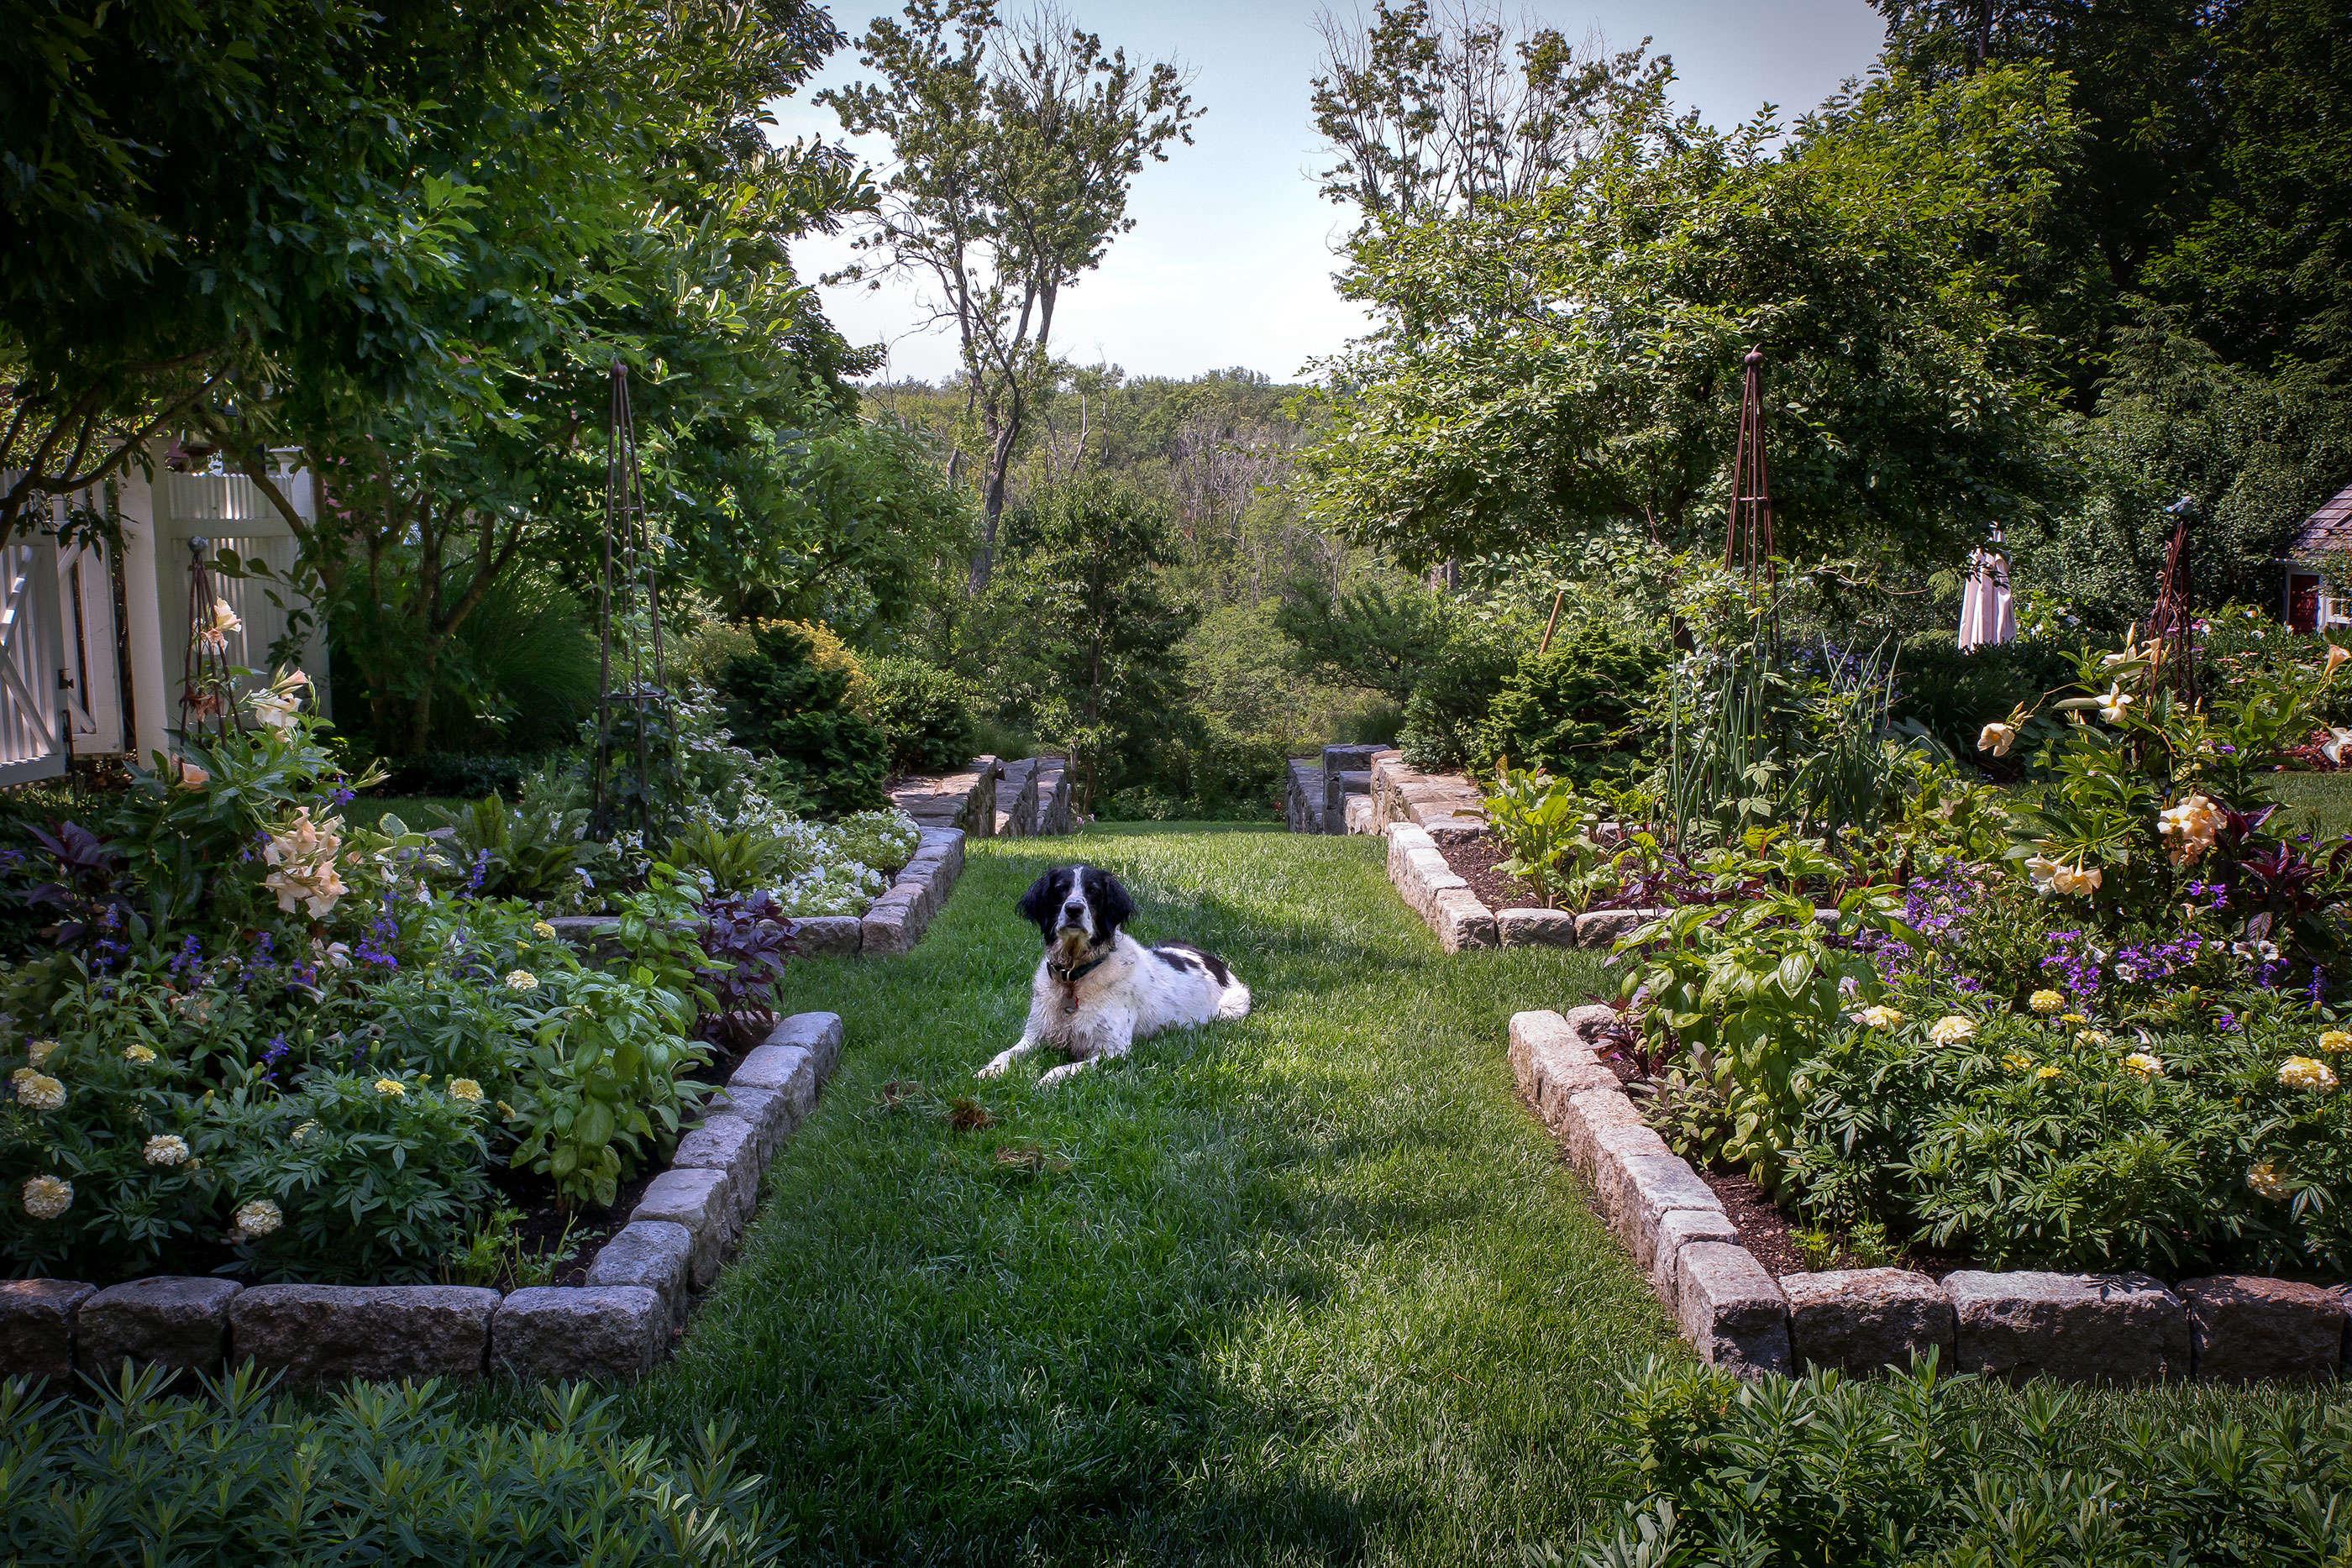 Landscape Designer Visit: A Charming Cottage Garden Outside of Boston - Gardenista